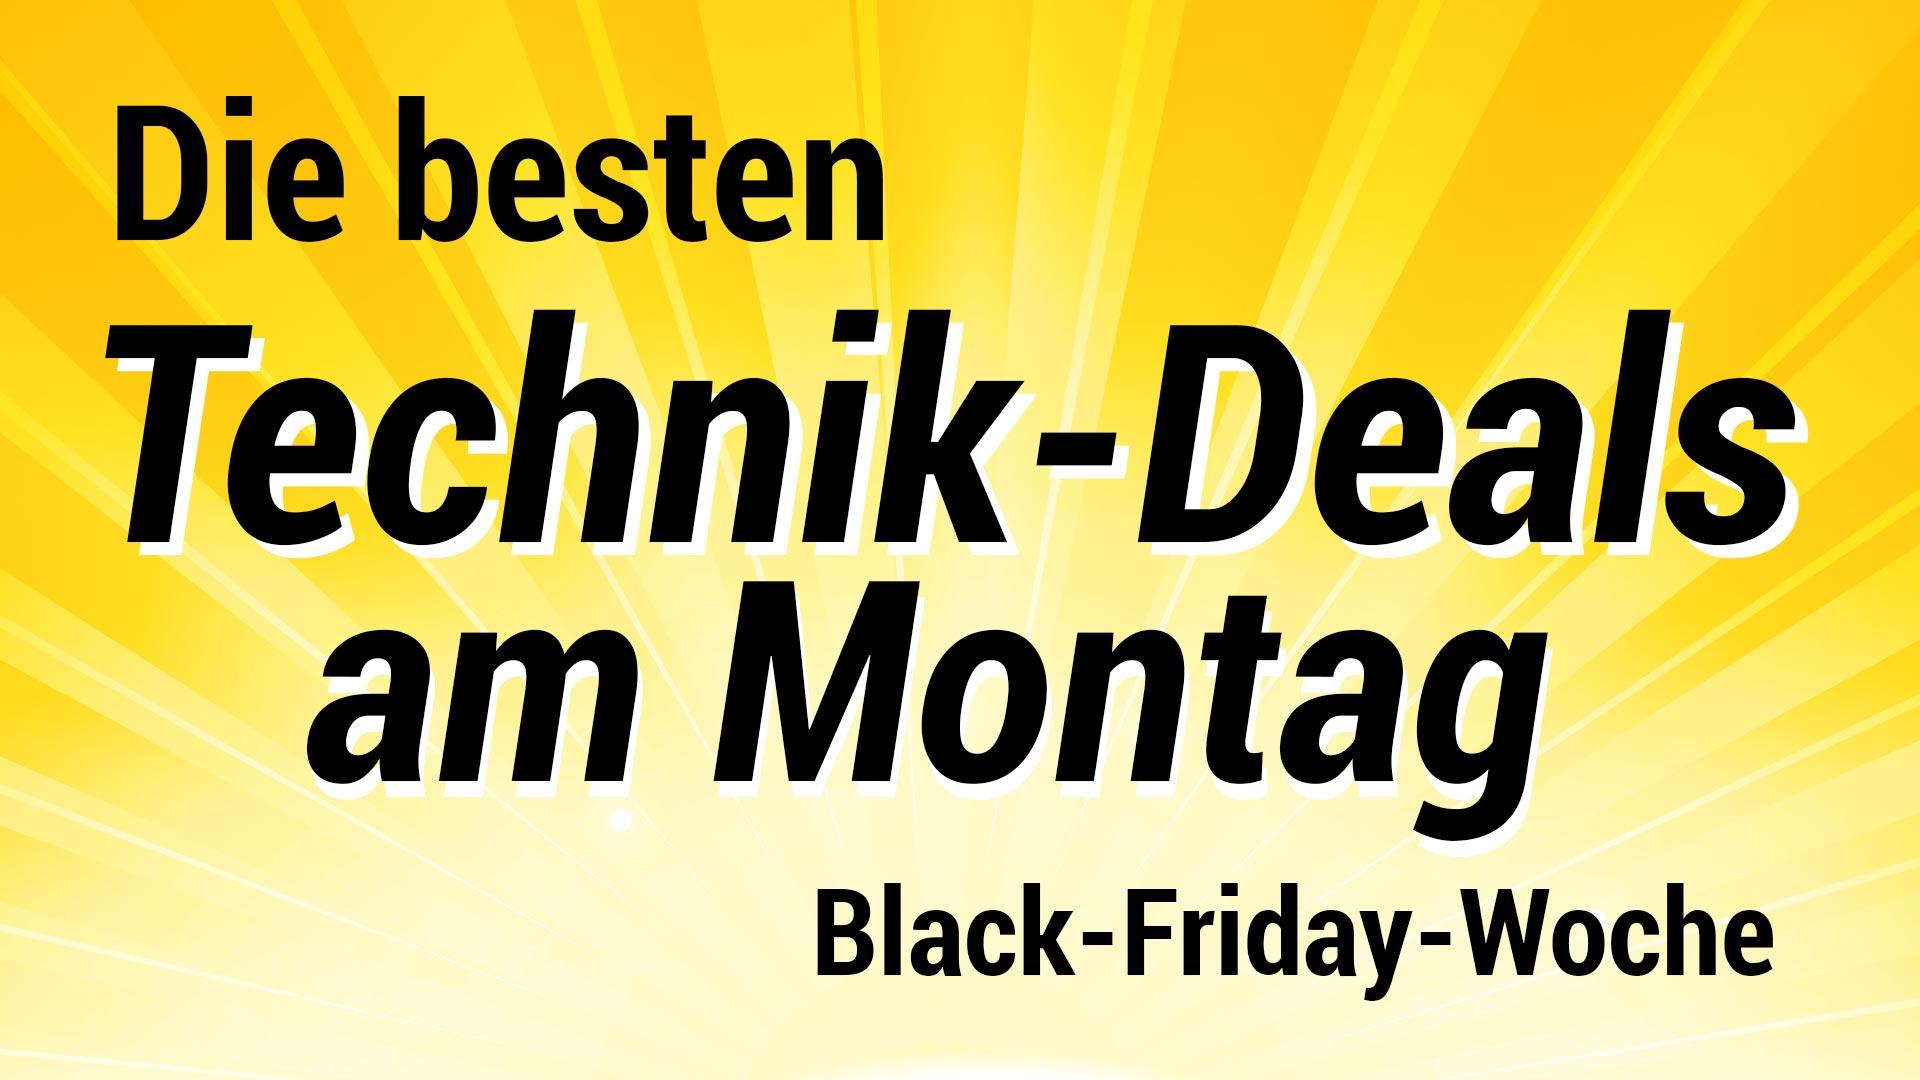 Fire TV Cube für 89€ & die besten Technik-Deals der Black Friday Woche von heute